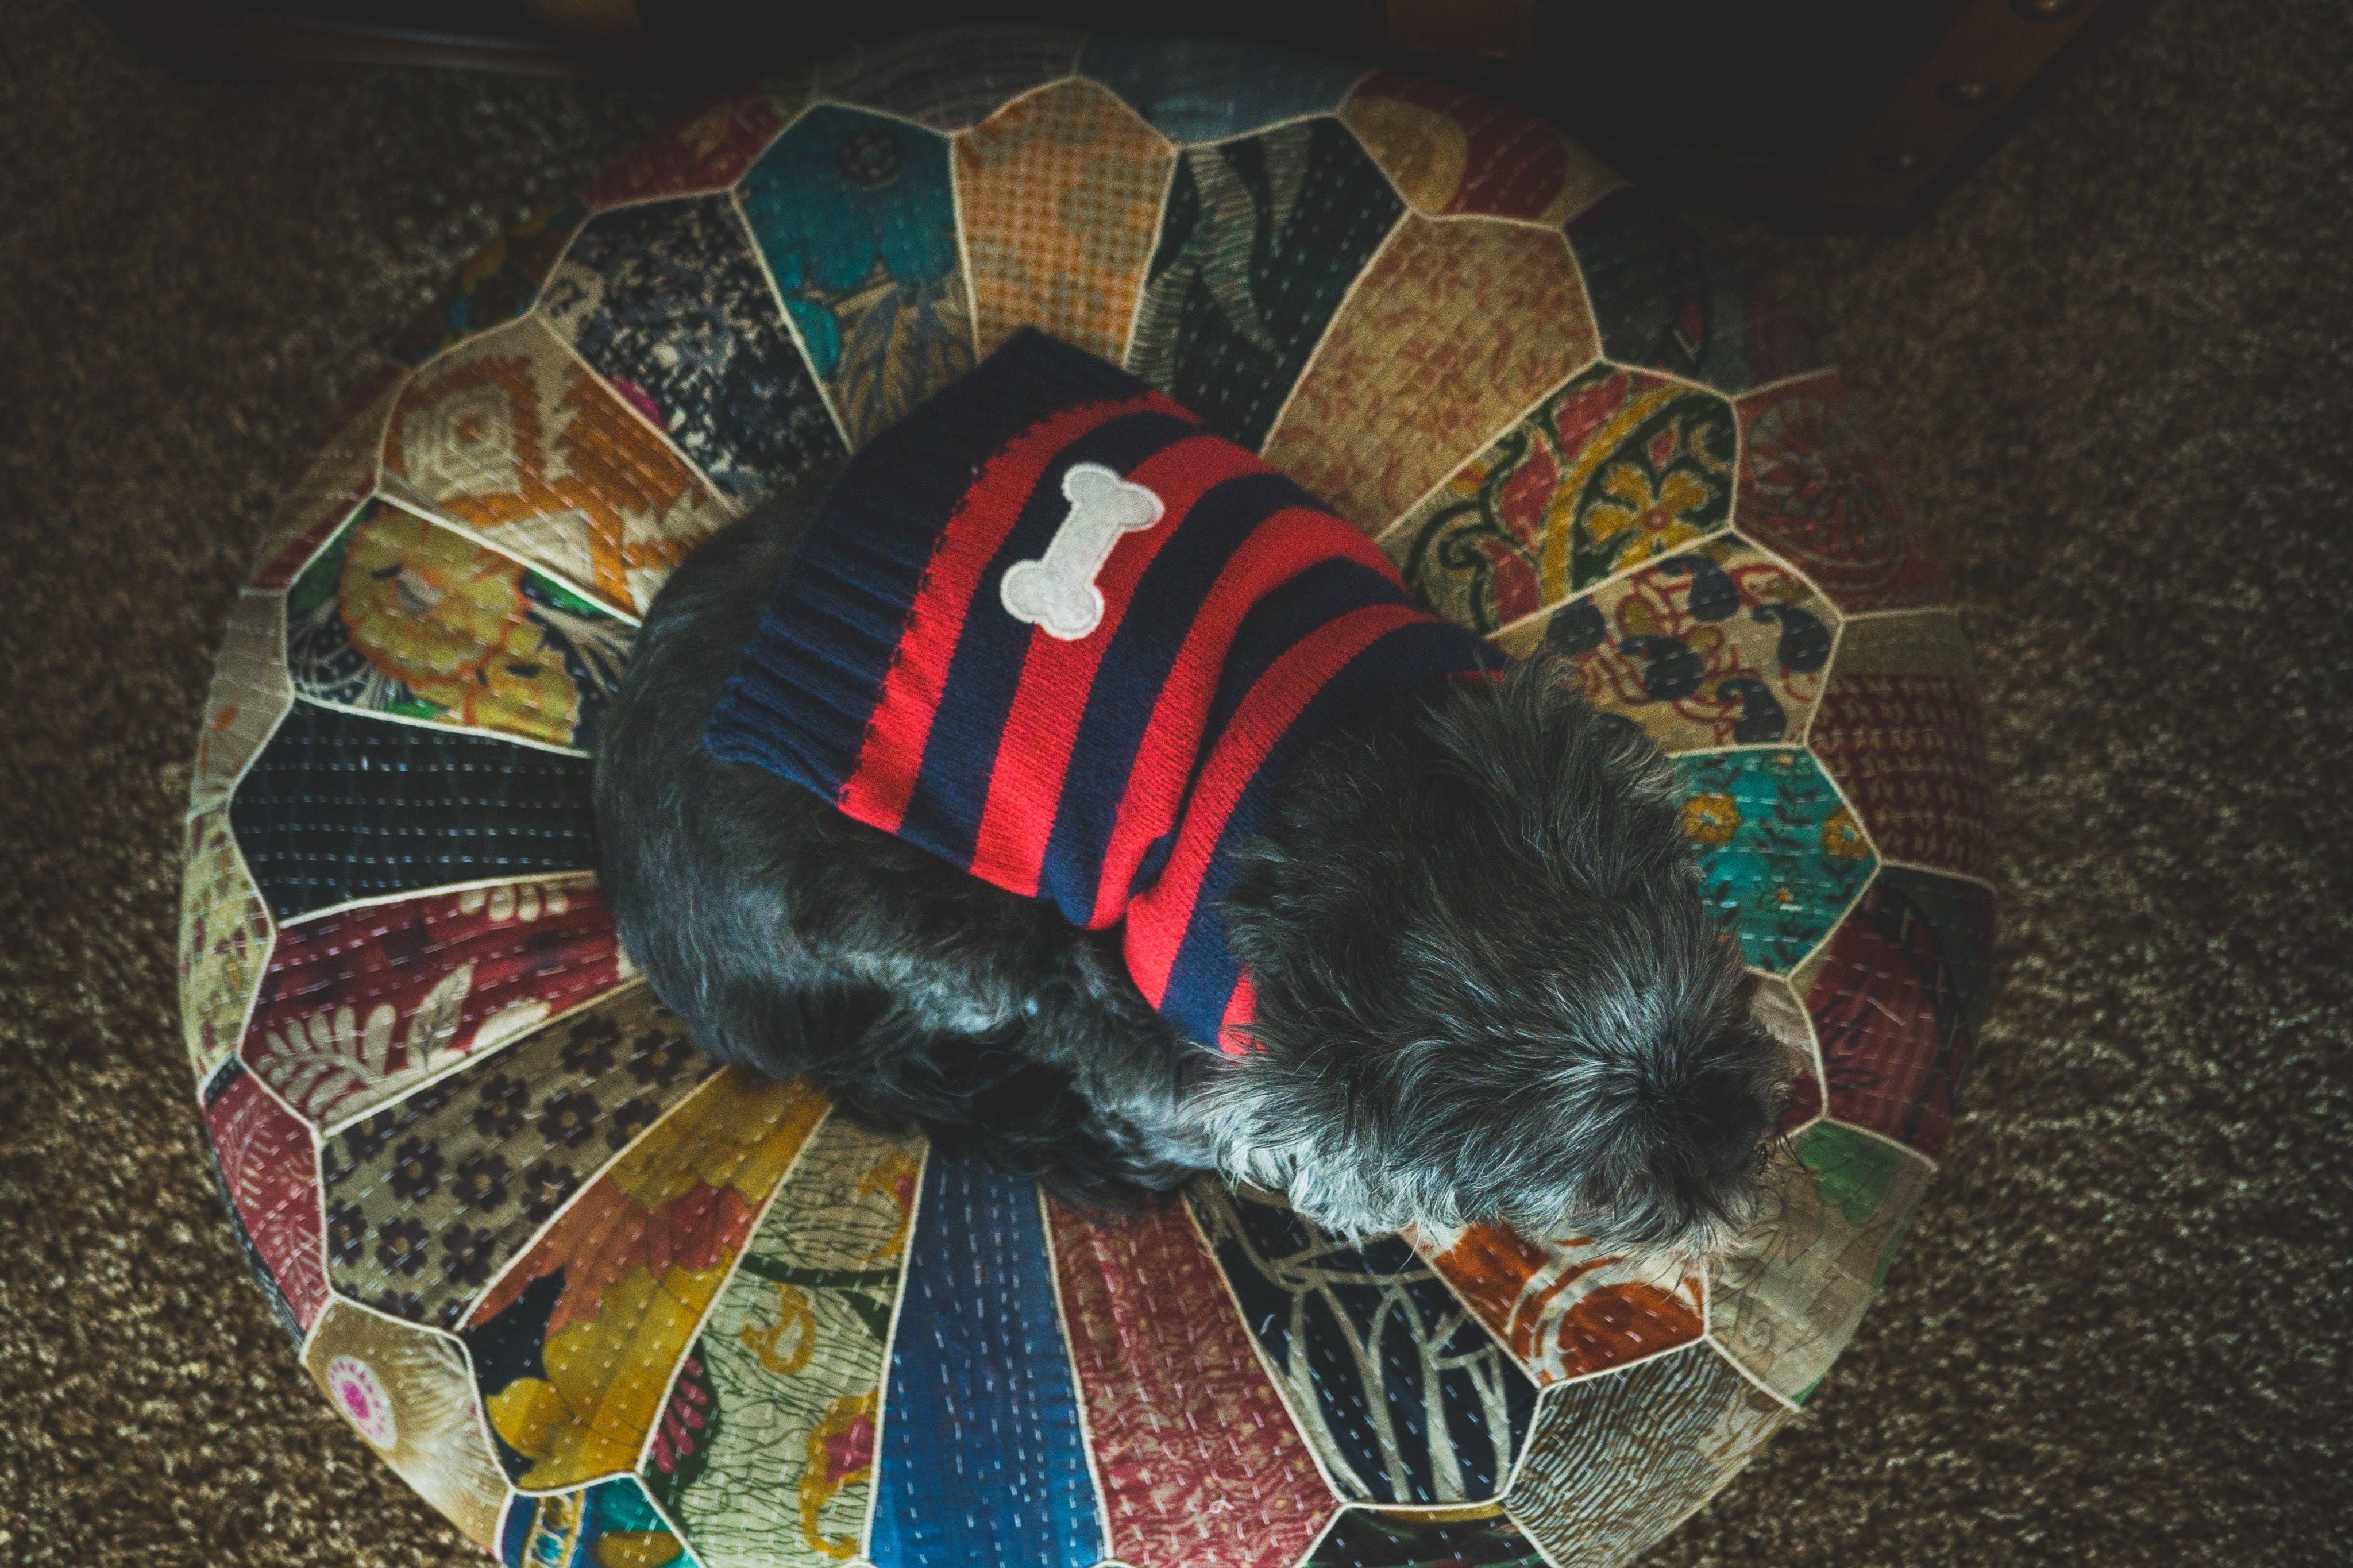 개, 검은 개, 검은색, 뼈의 무료 스톡 사진